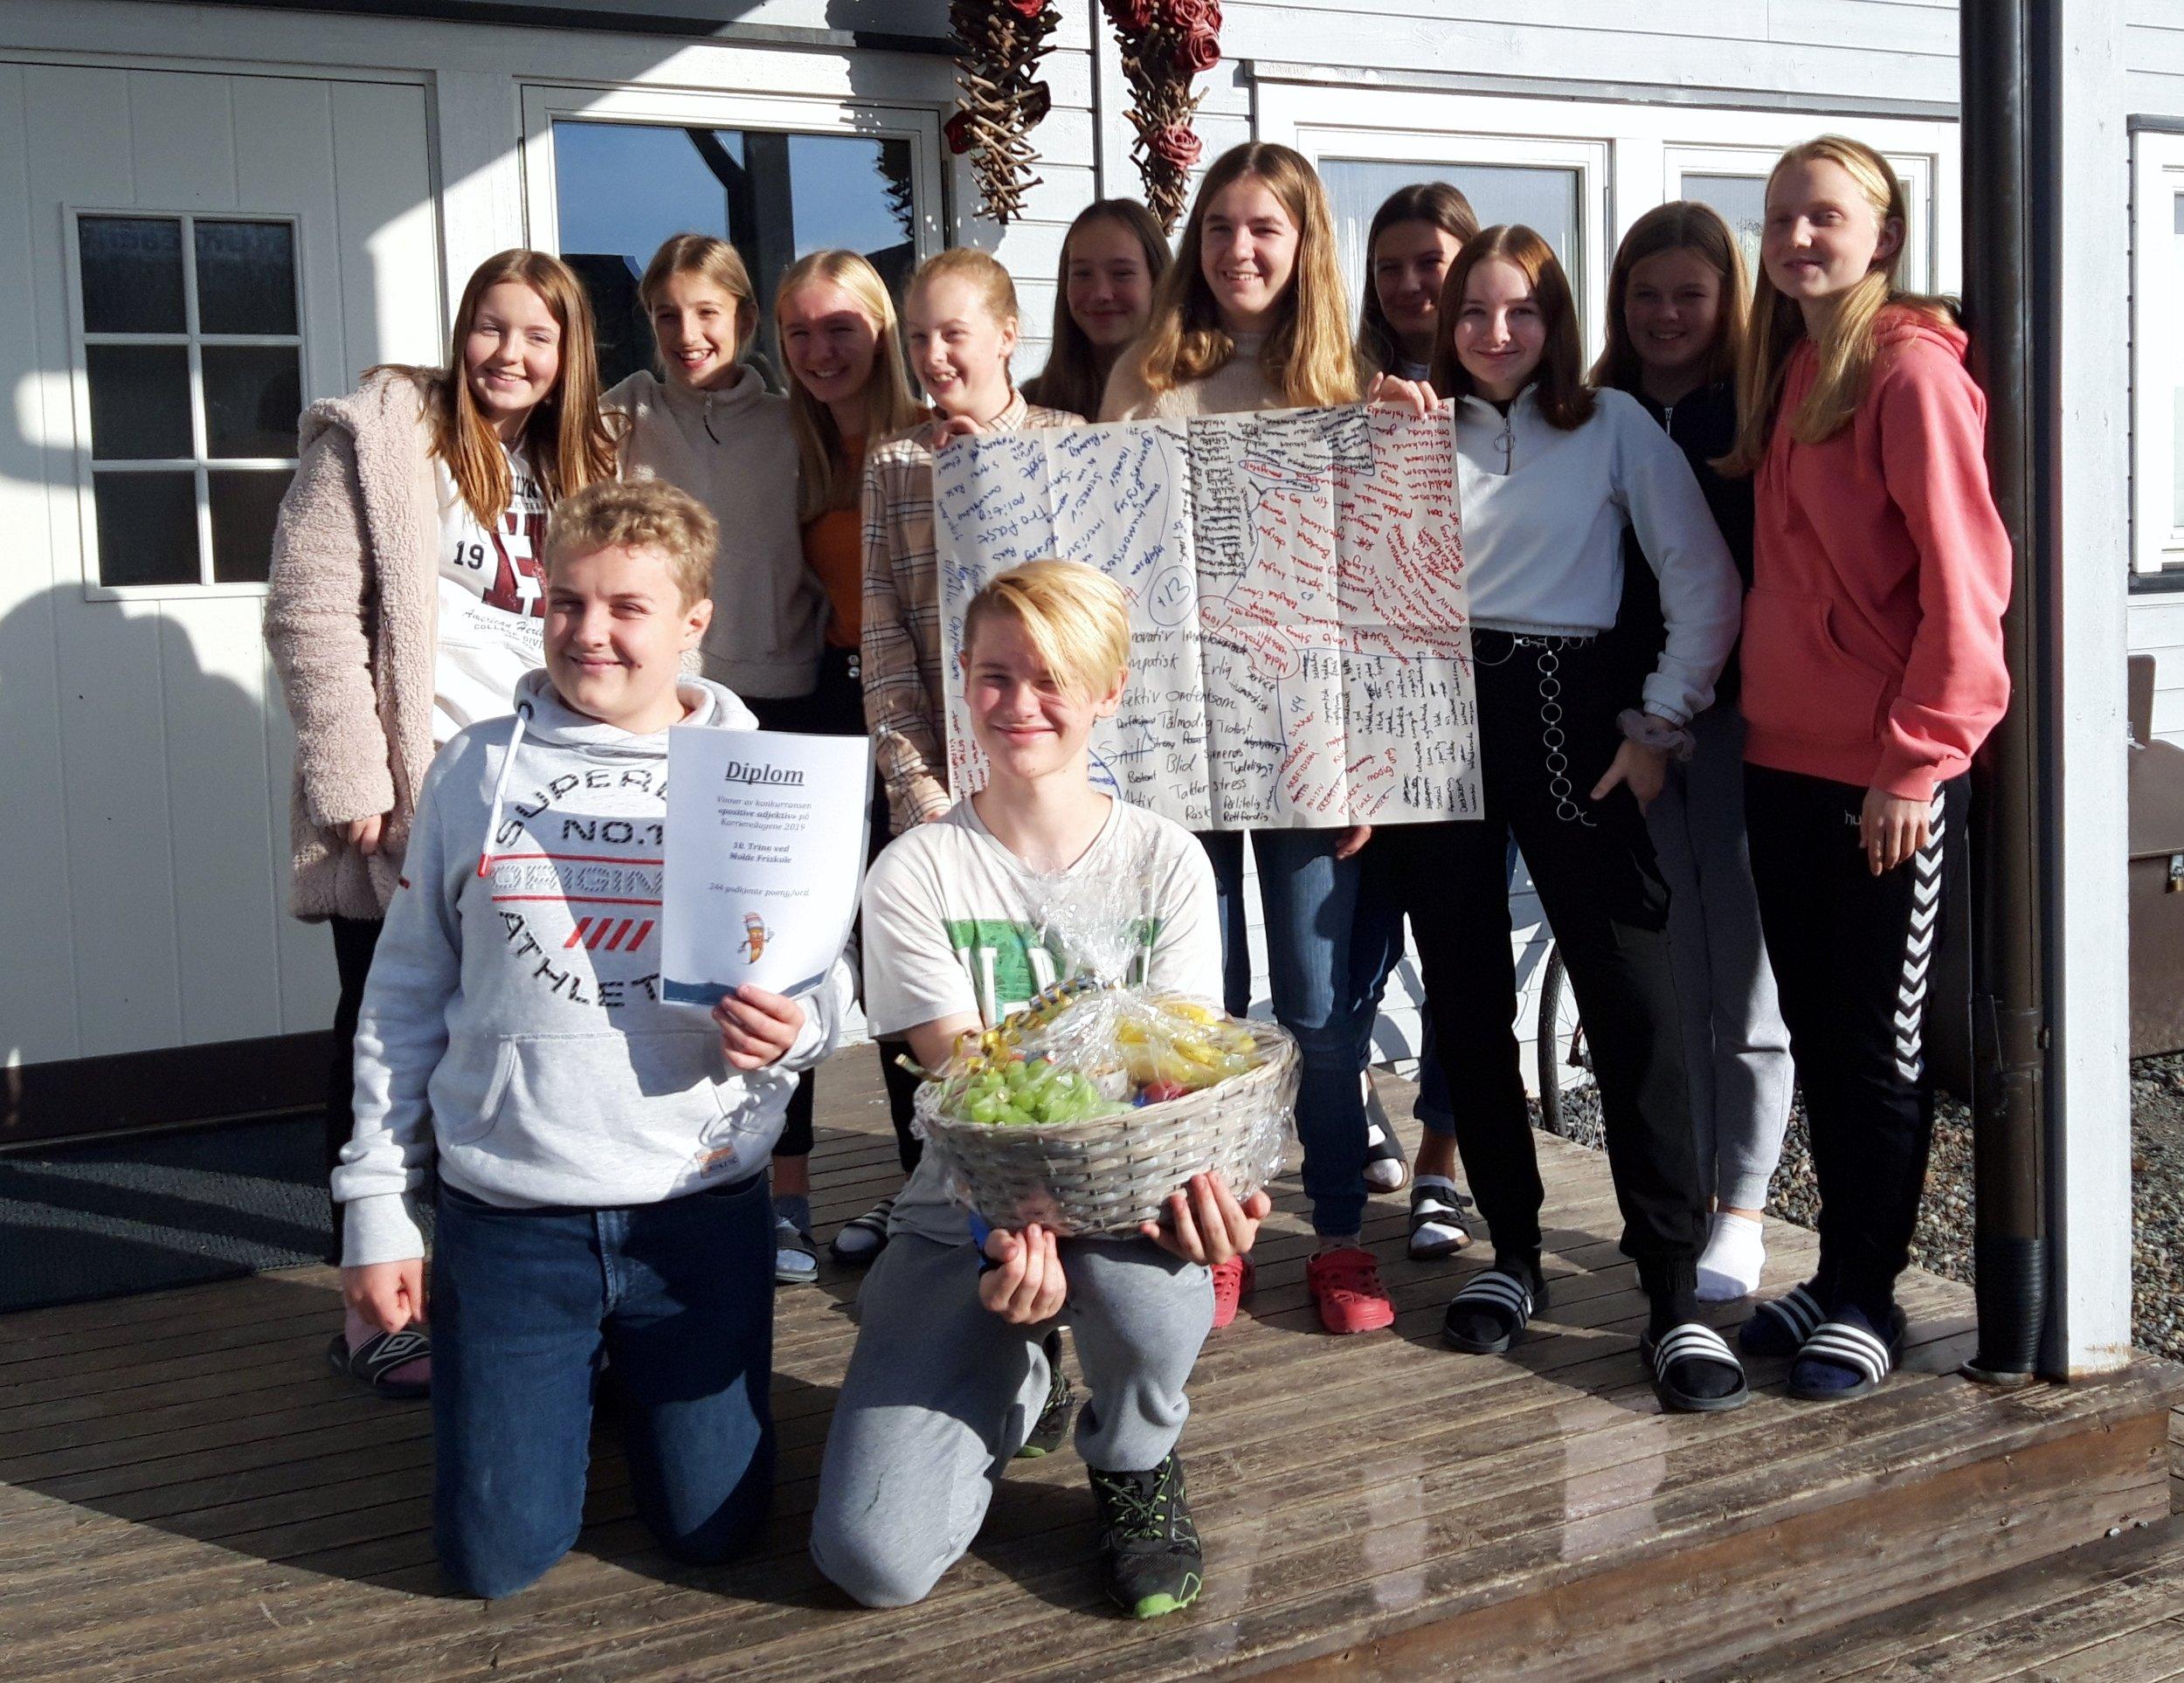 10. trinn ved Molde Friskole - Gruppen fra Molde Friskole ble vinner av konkurransen